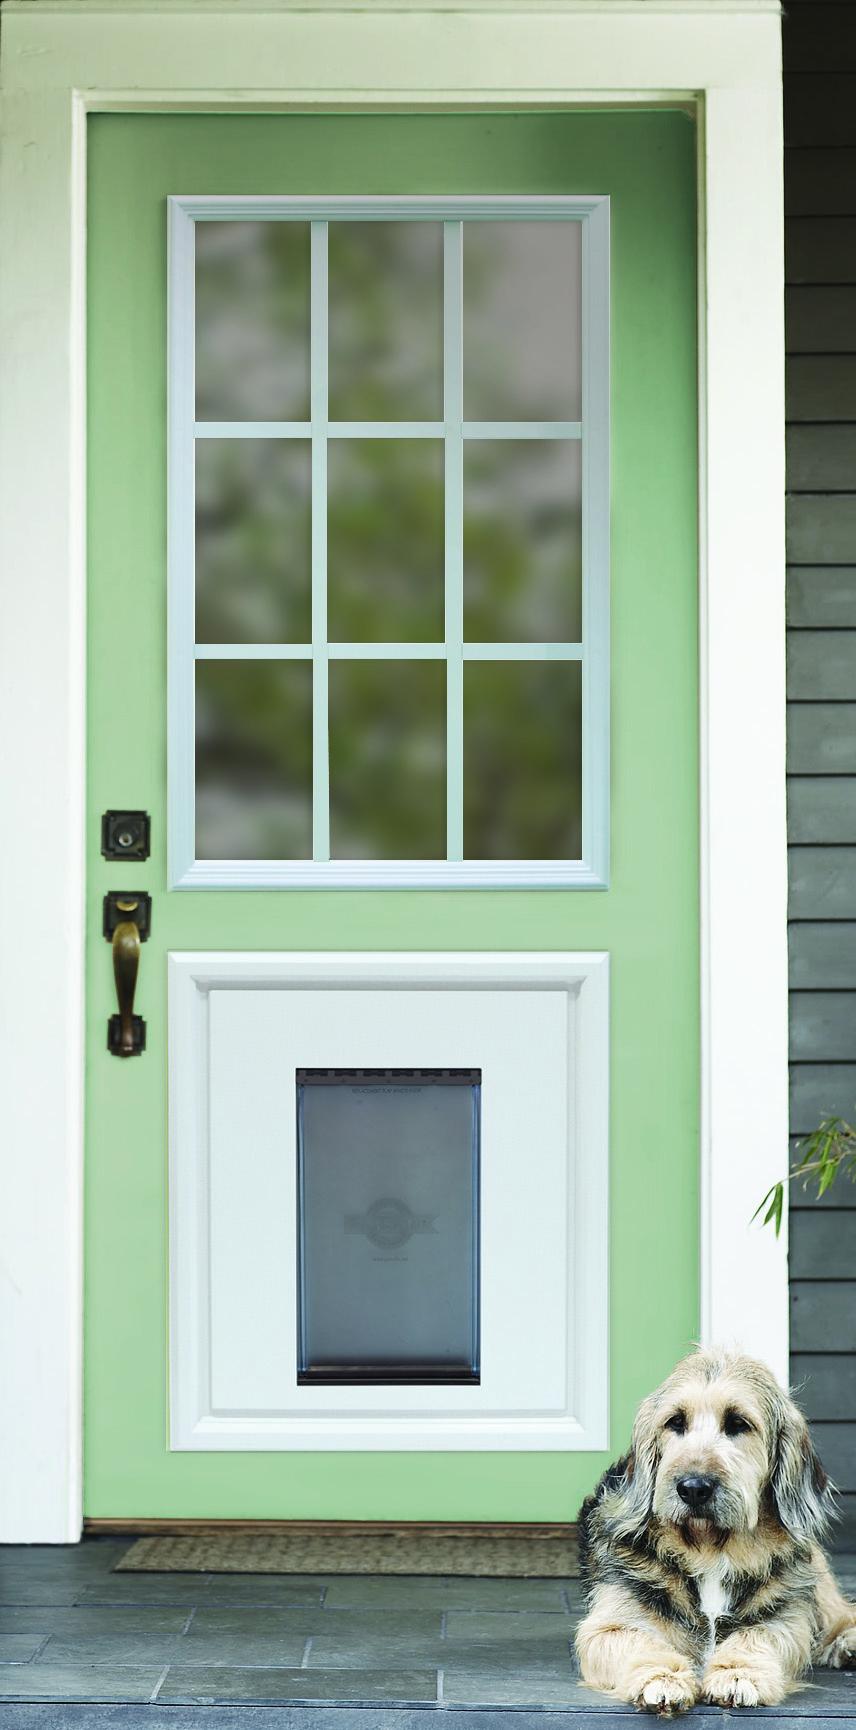 6 Panel Door History >> Pet Door - RSL Doorglass